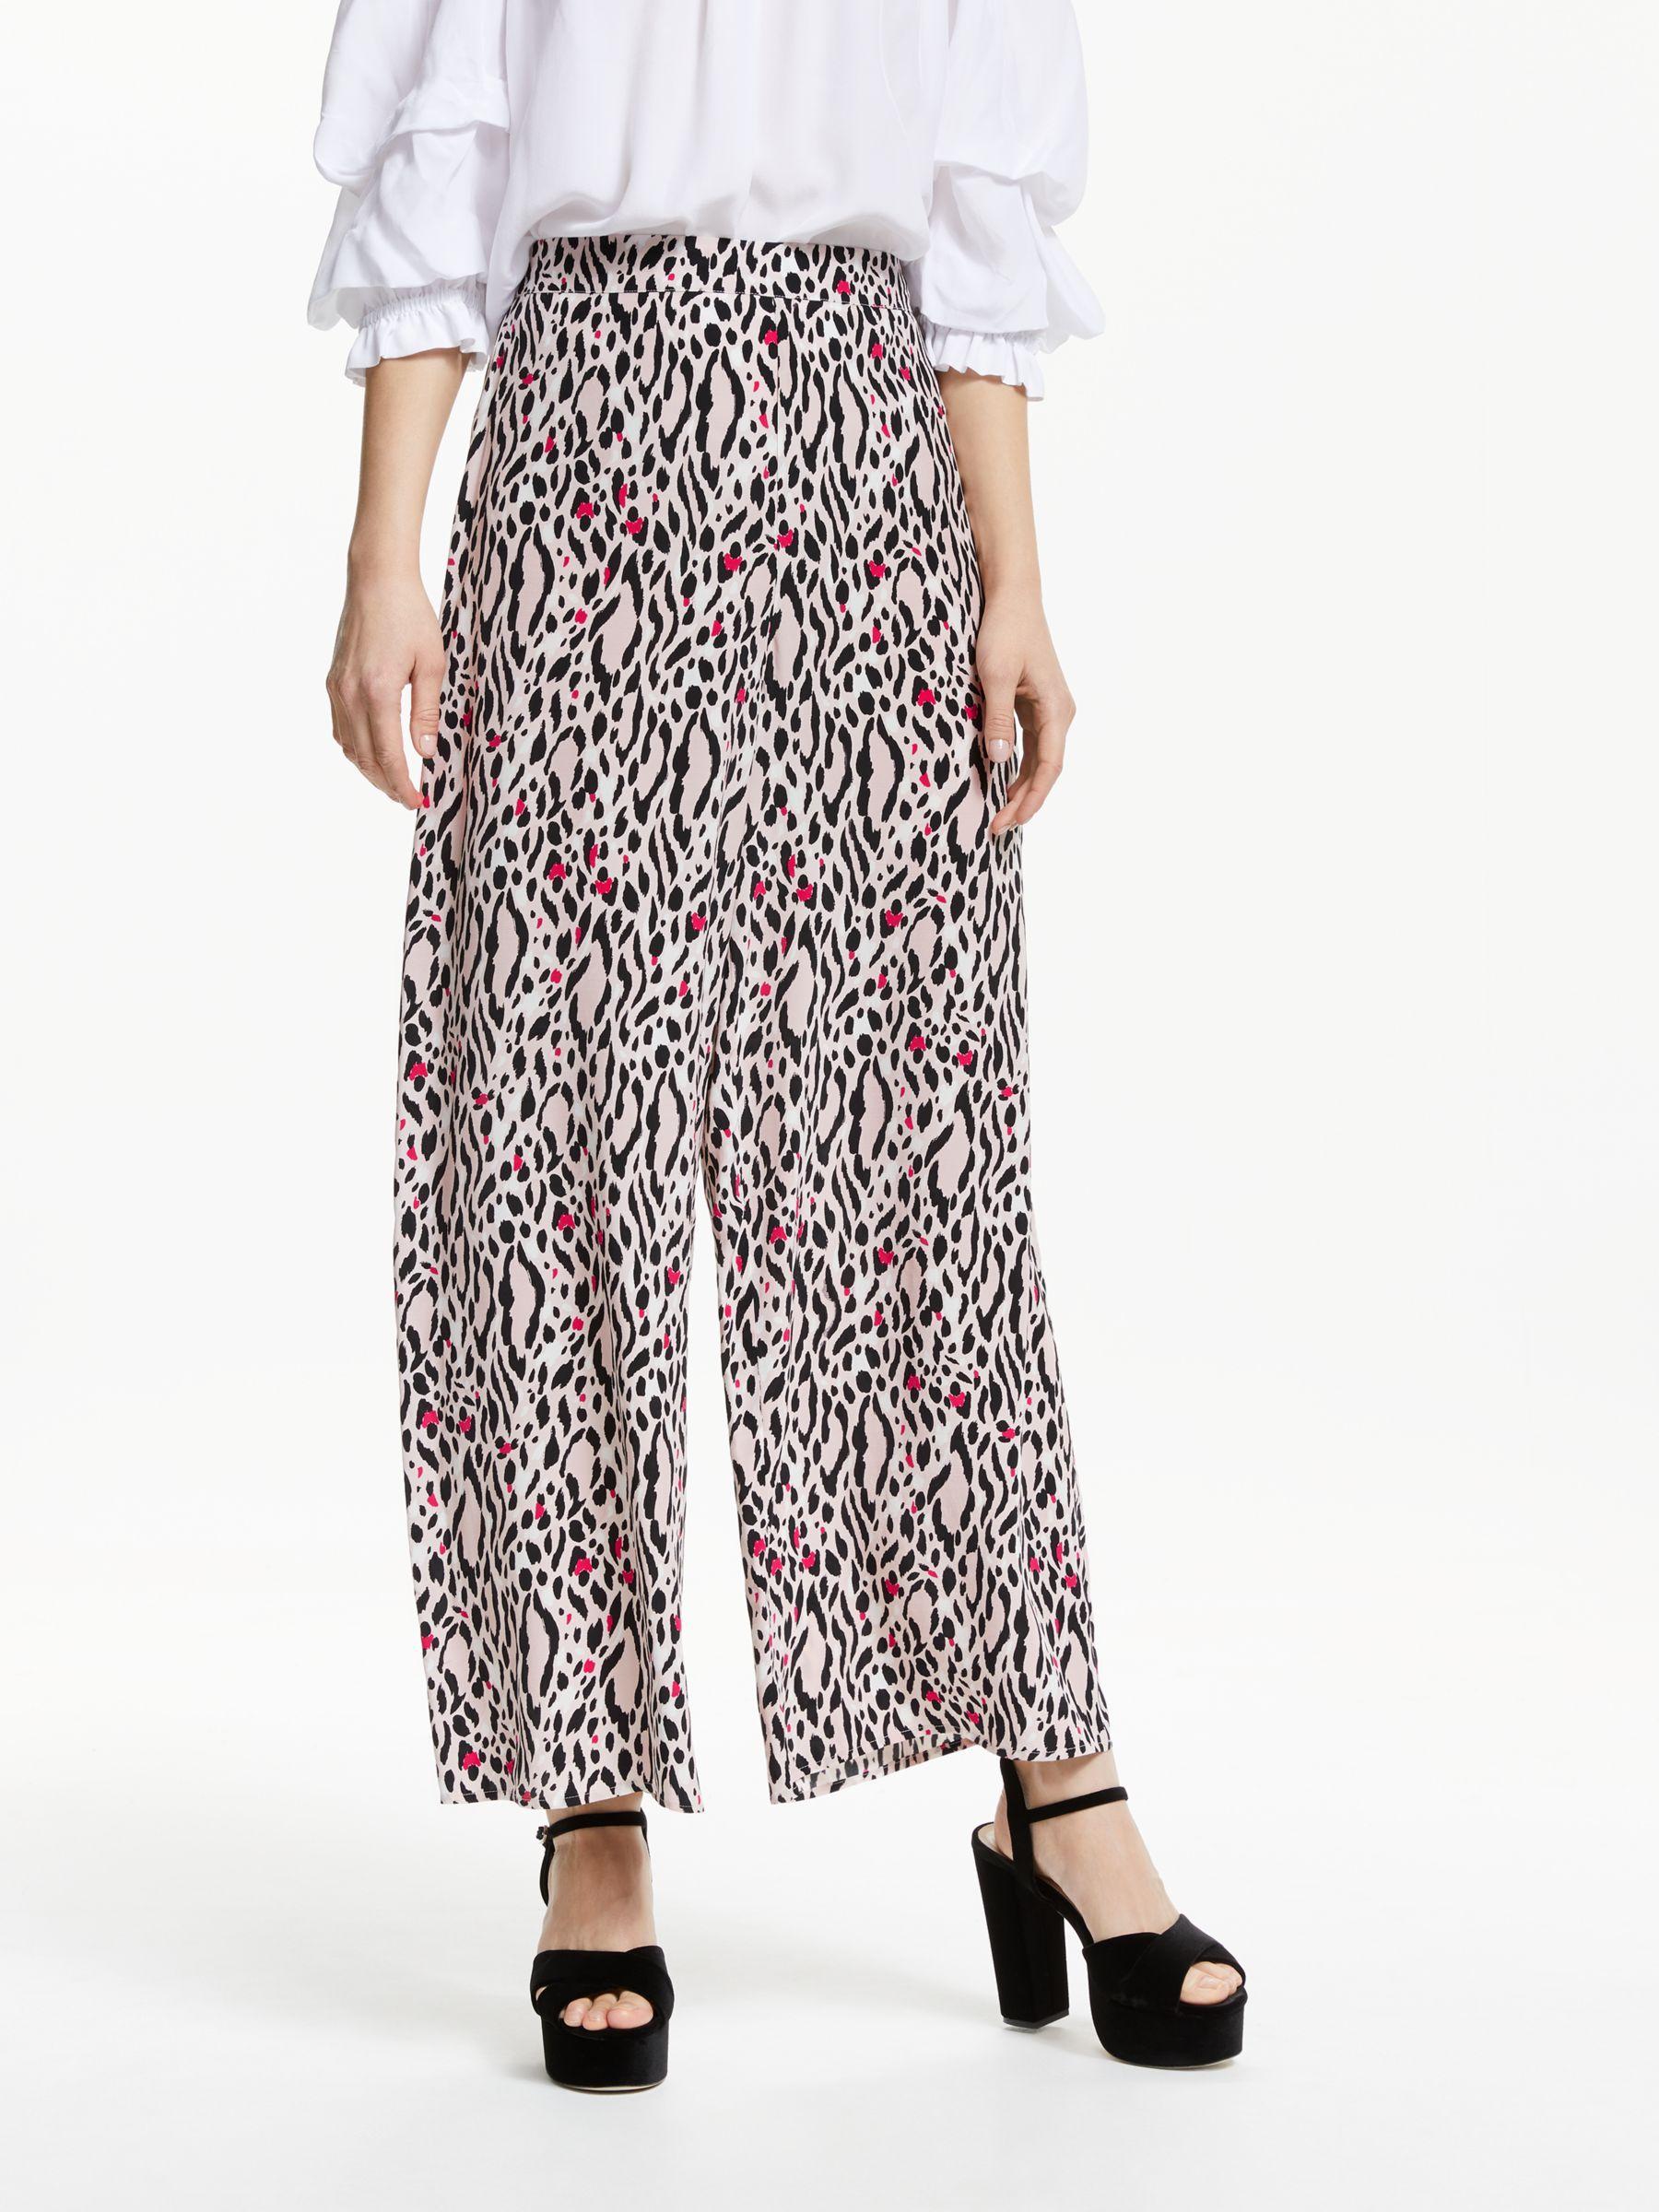 3065d6efc347 Somerset by Alice Temperley. Women's Leopard Print Wide Leg Trousers